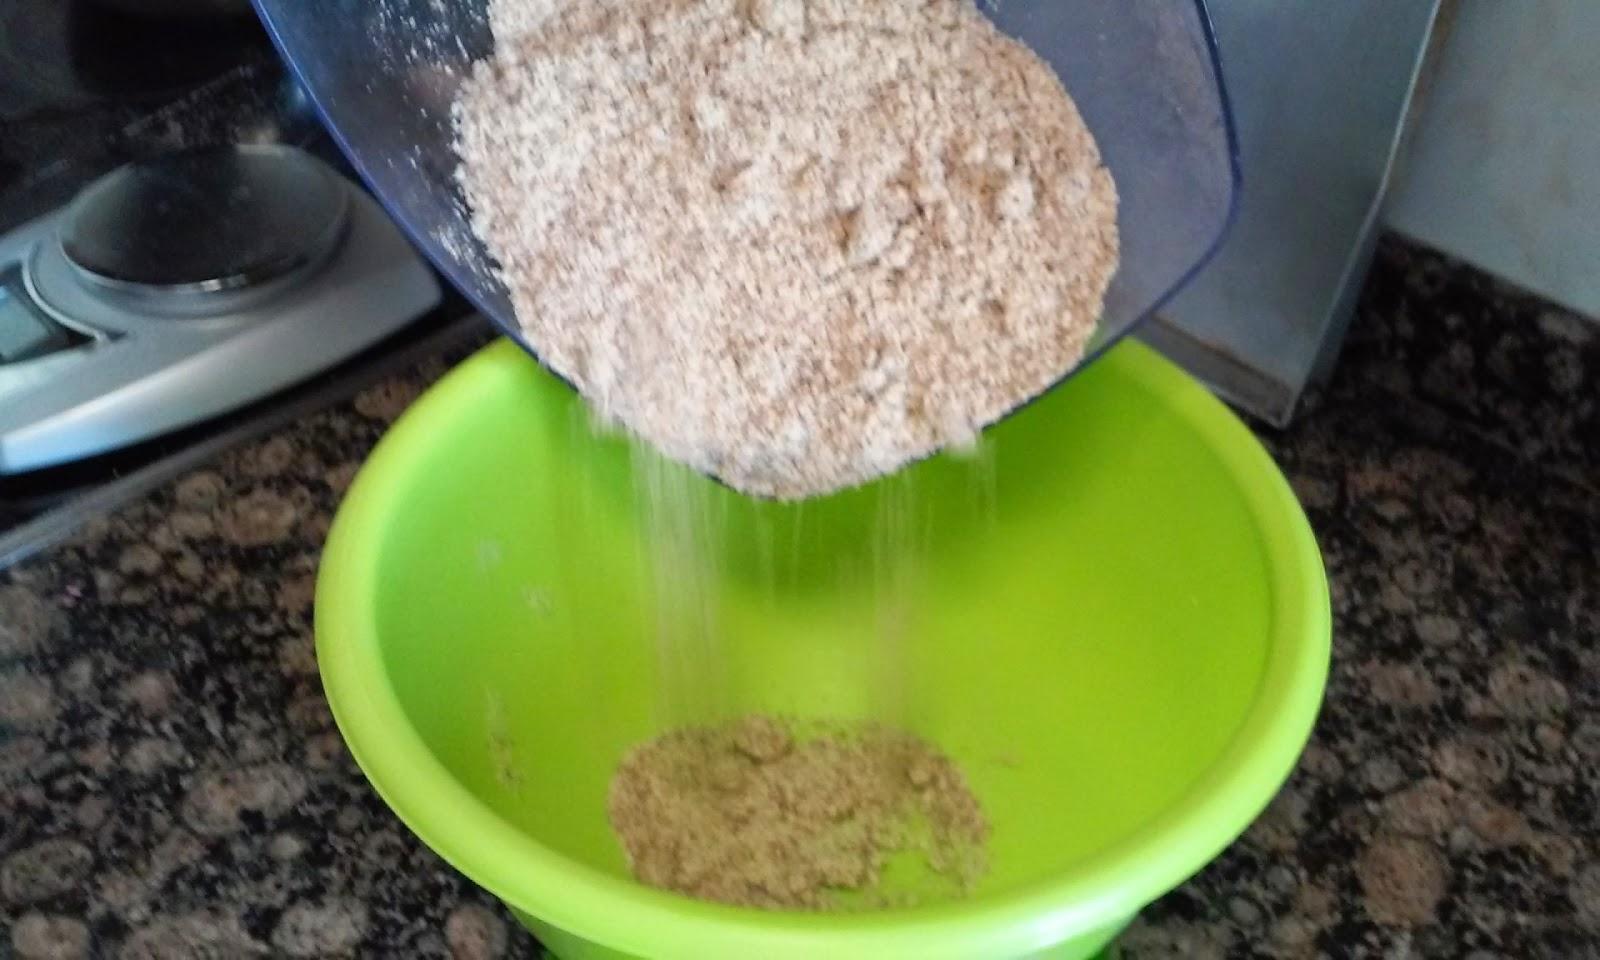 añadimos la harina de almendra para los pastelitos